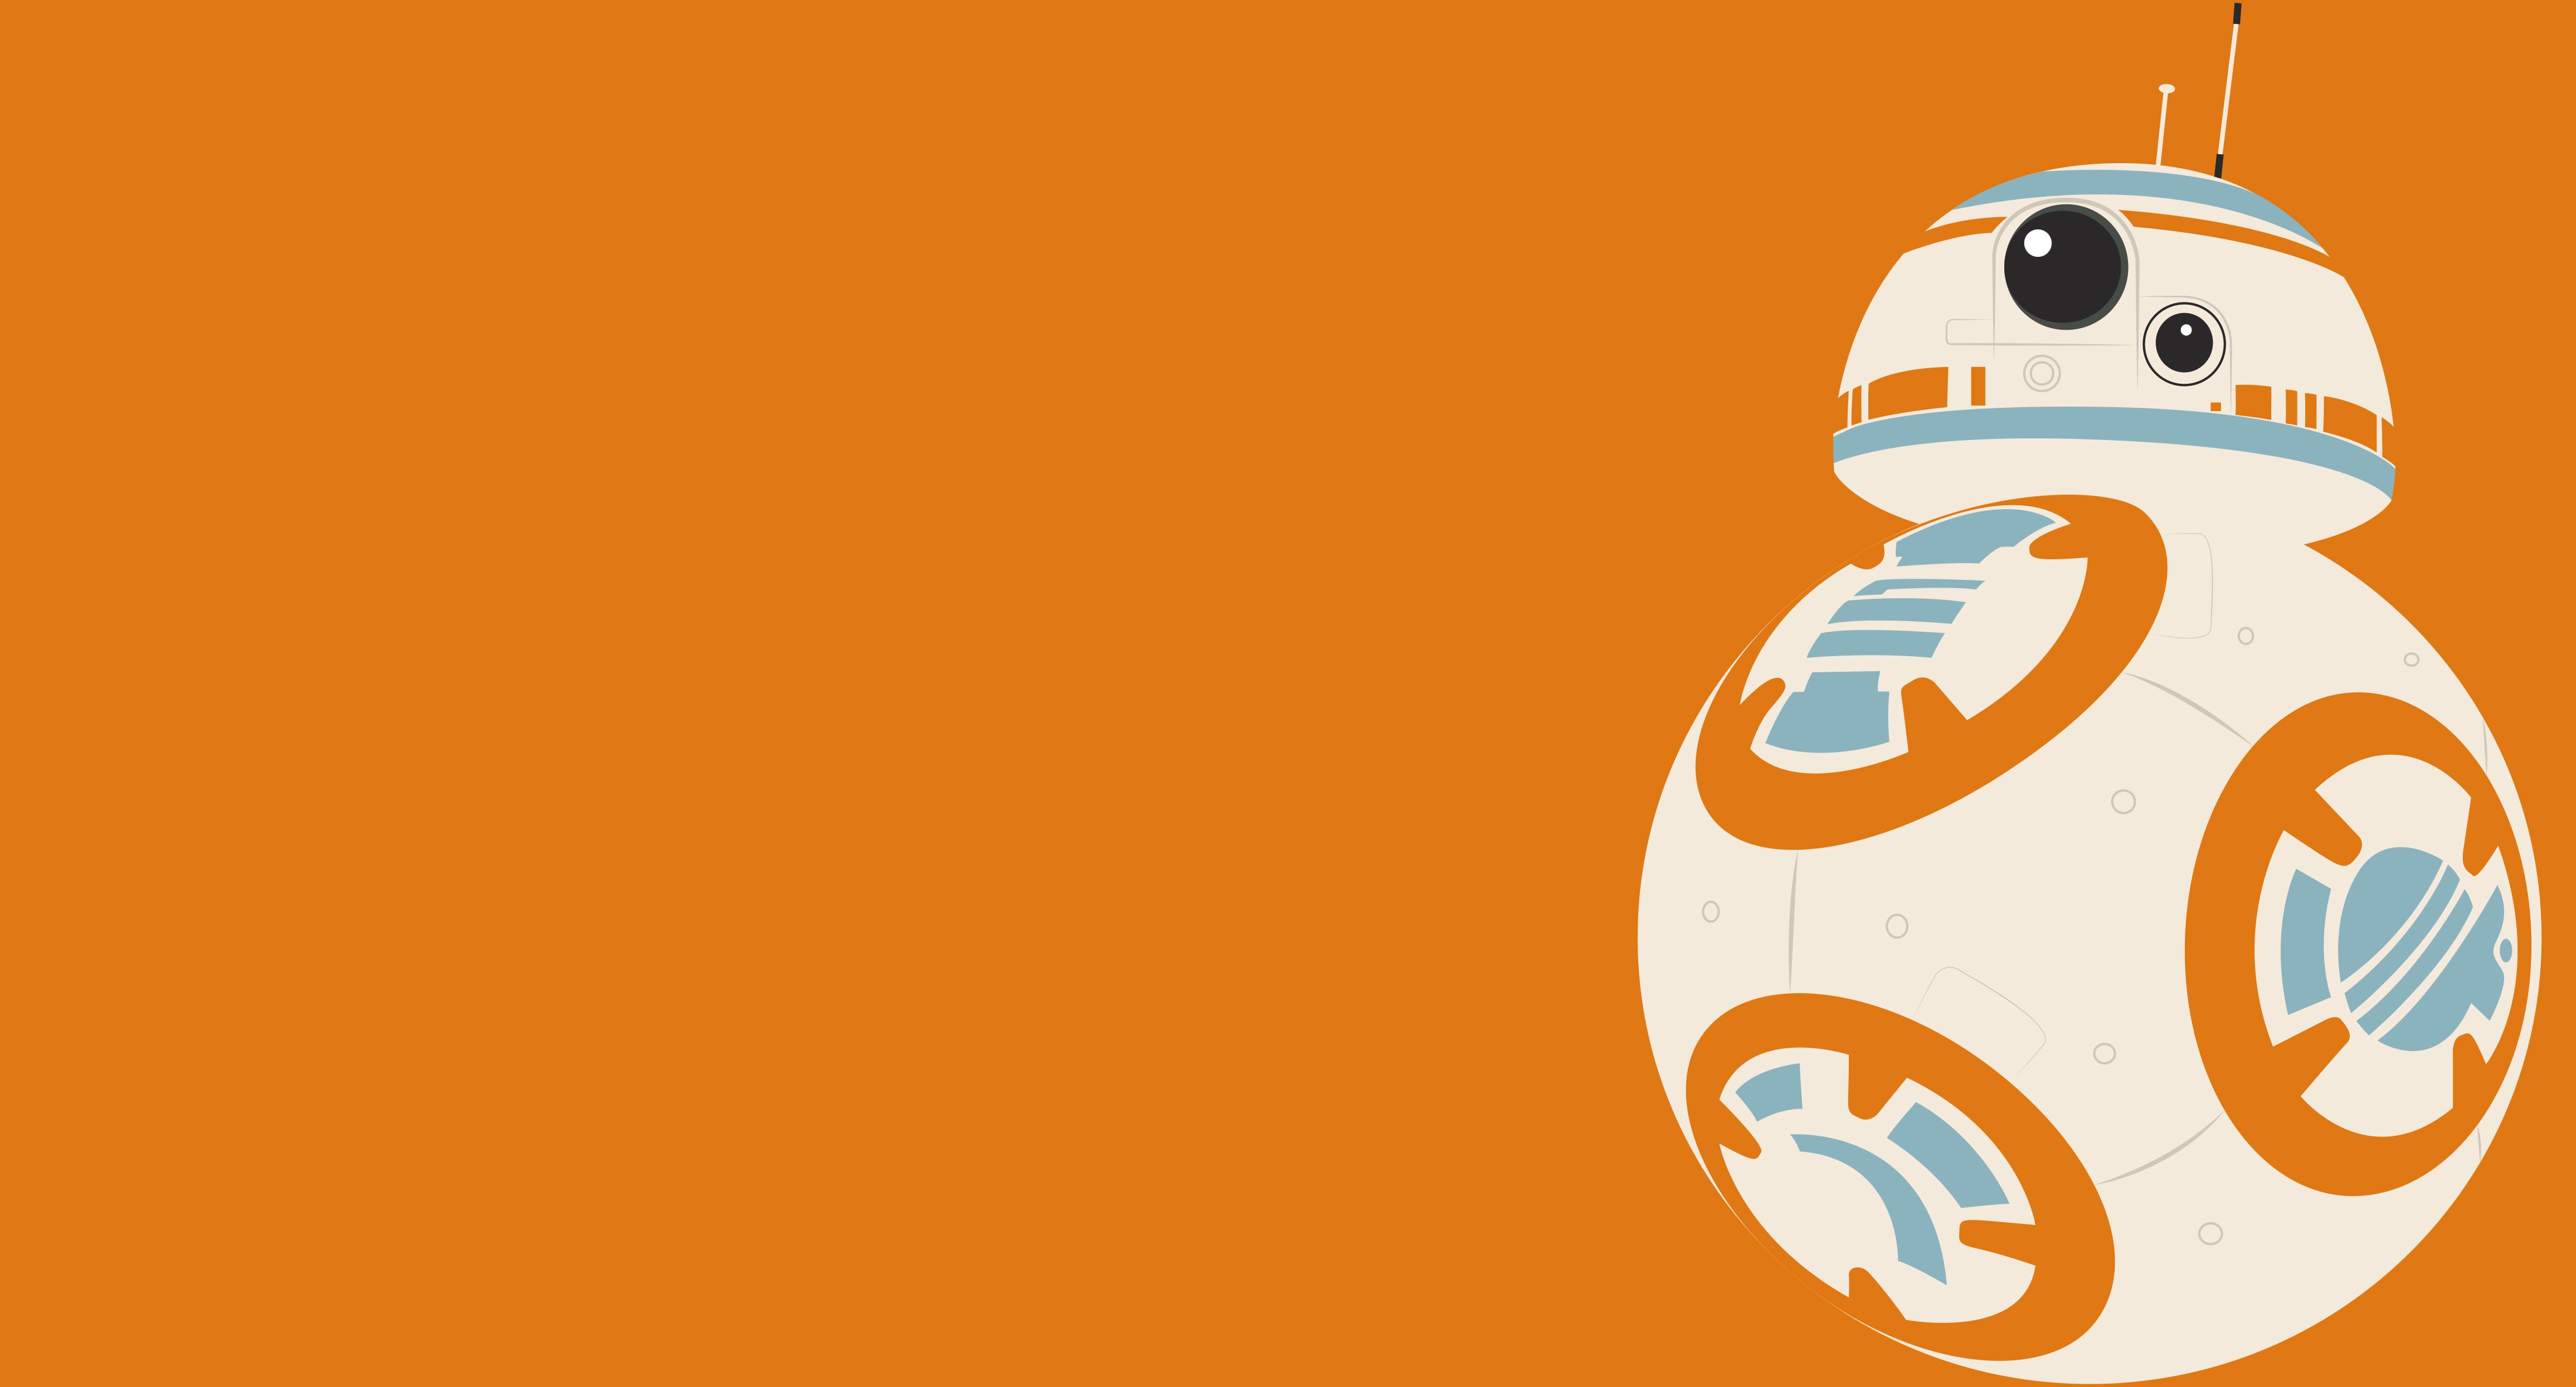 BB8 Droid Wallpaper - WallpaperSafari